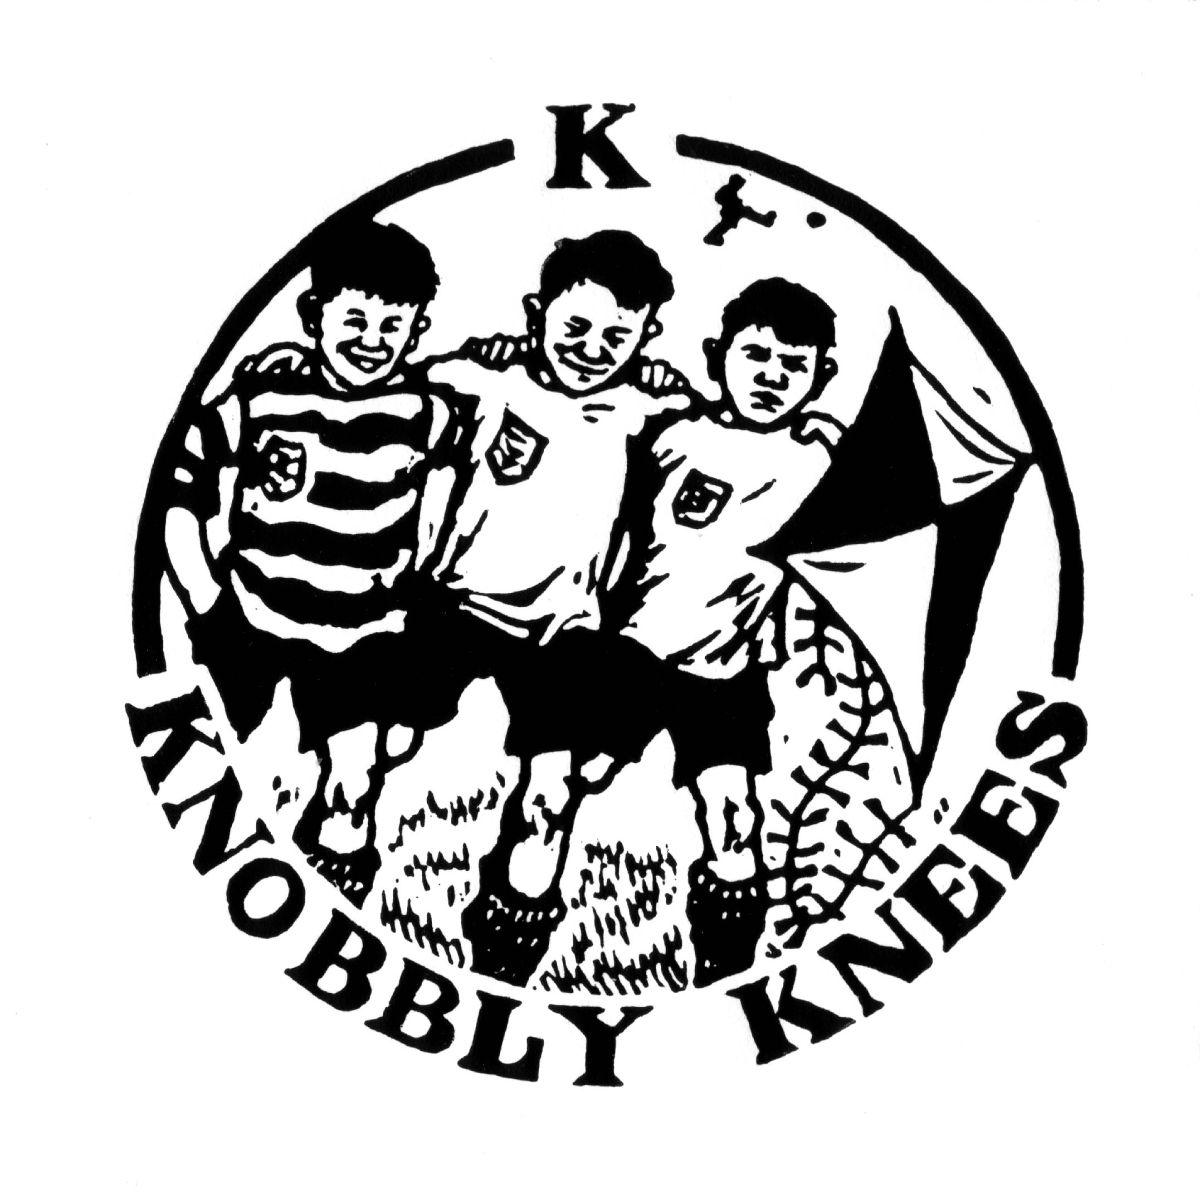 Knobbly knees